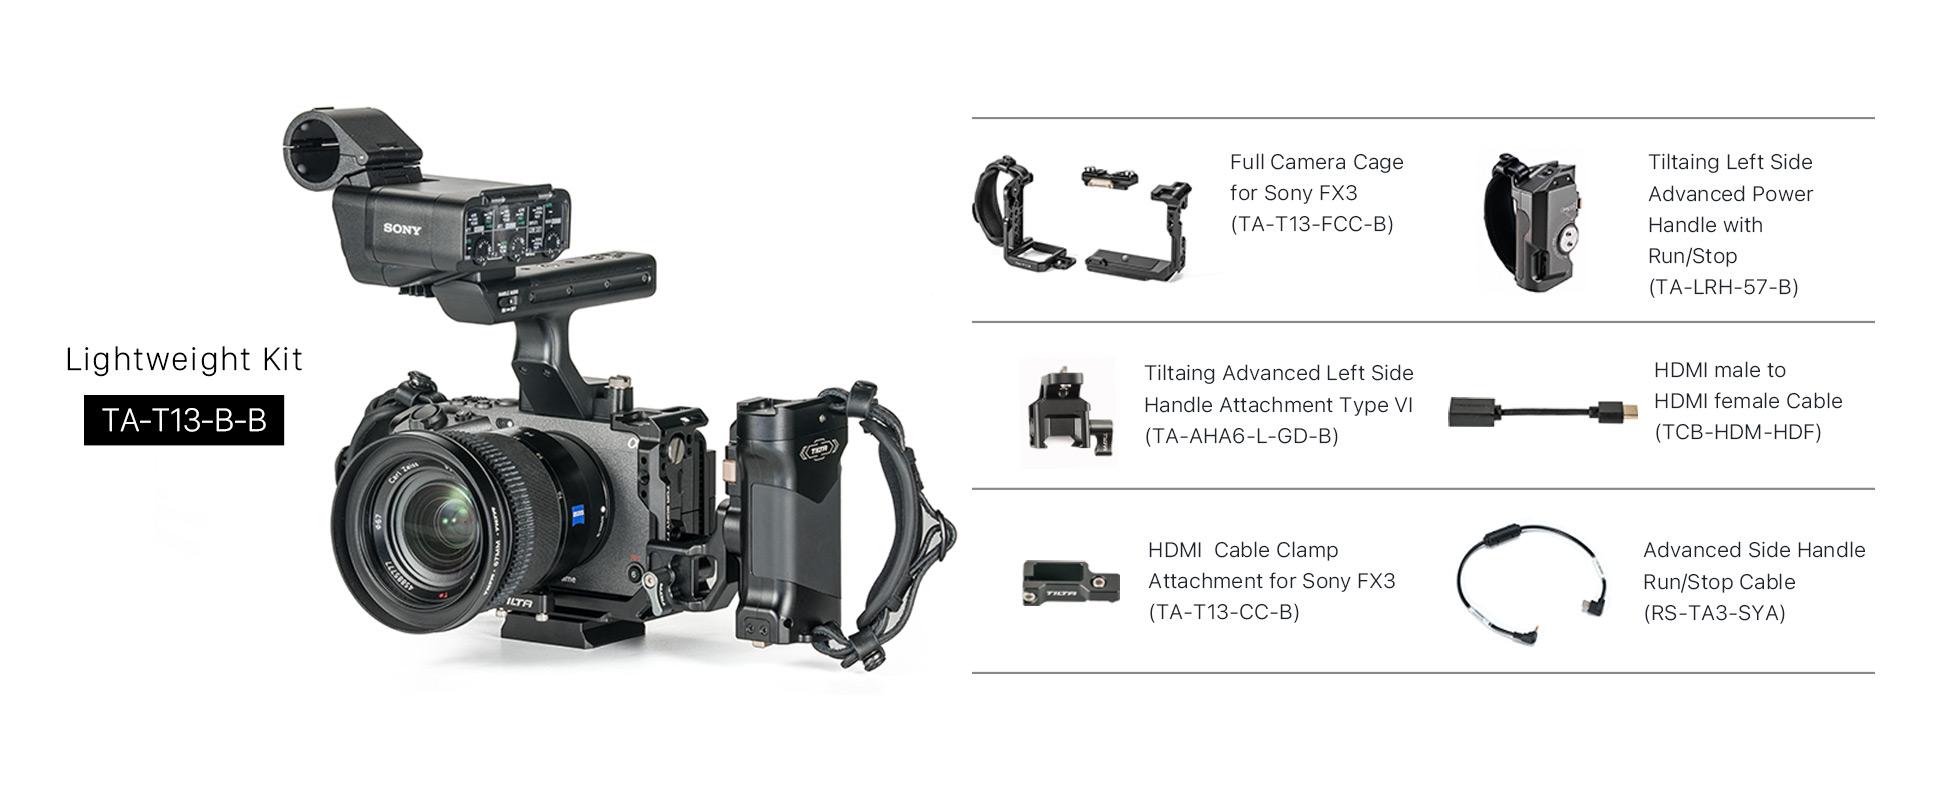 tech-specs-FX3-lightweight-kit